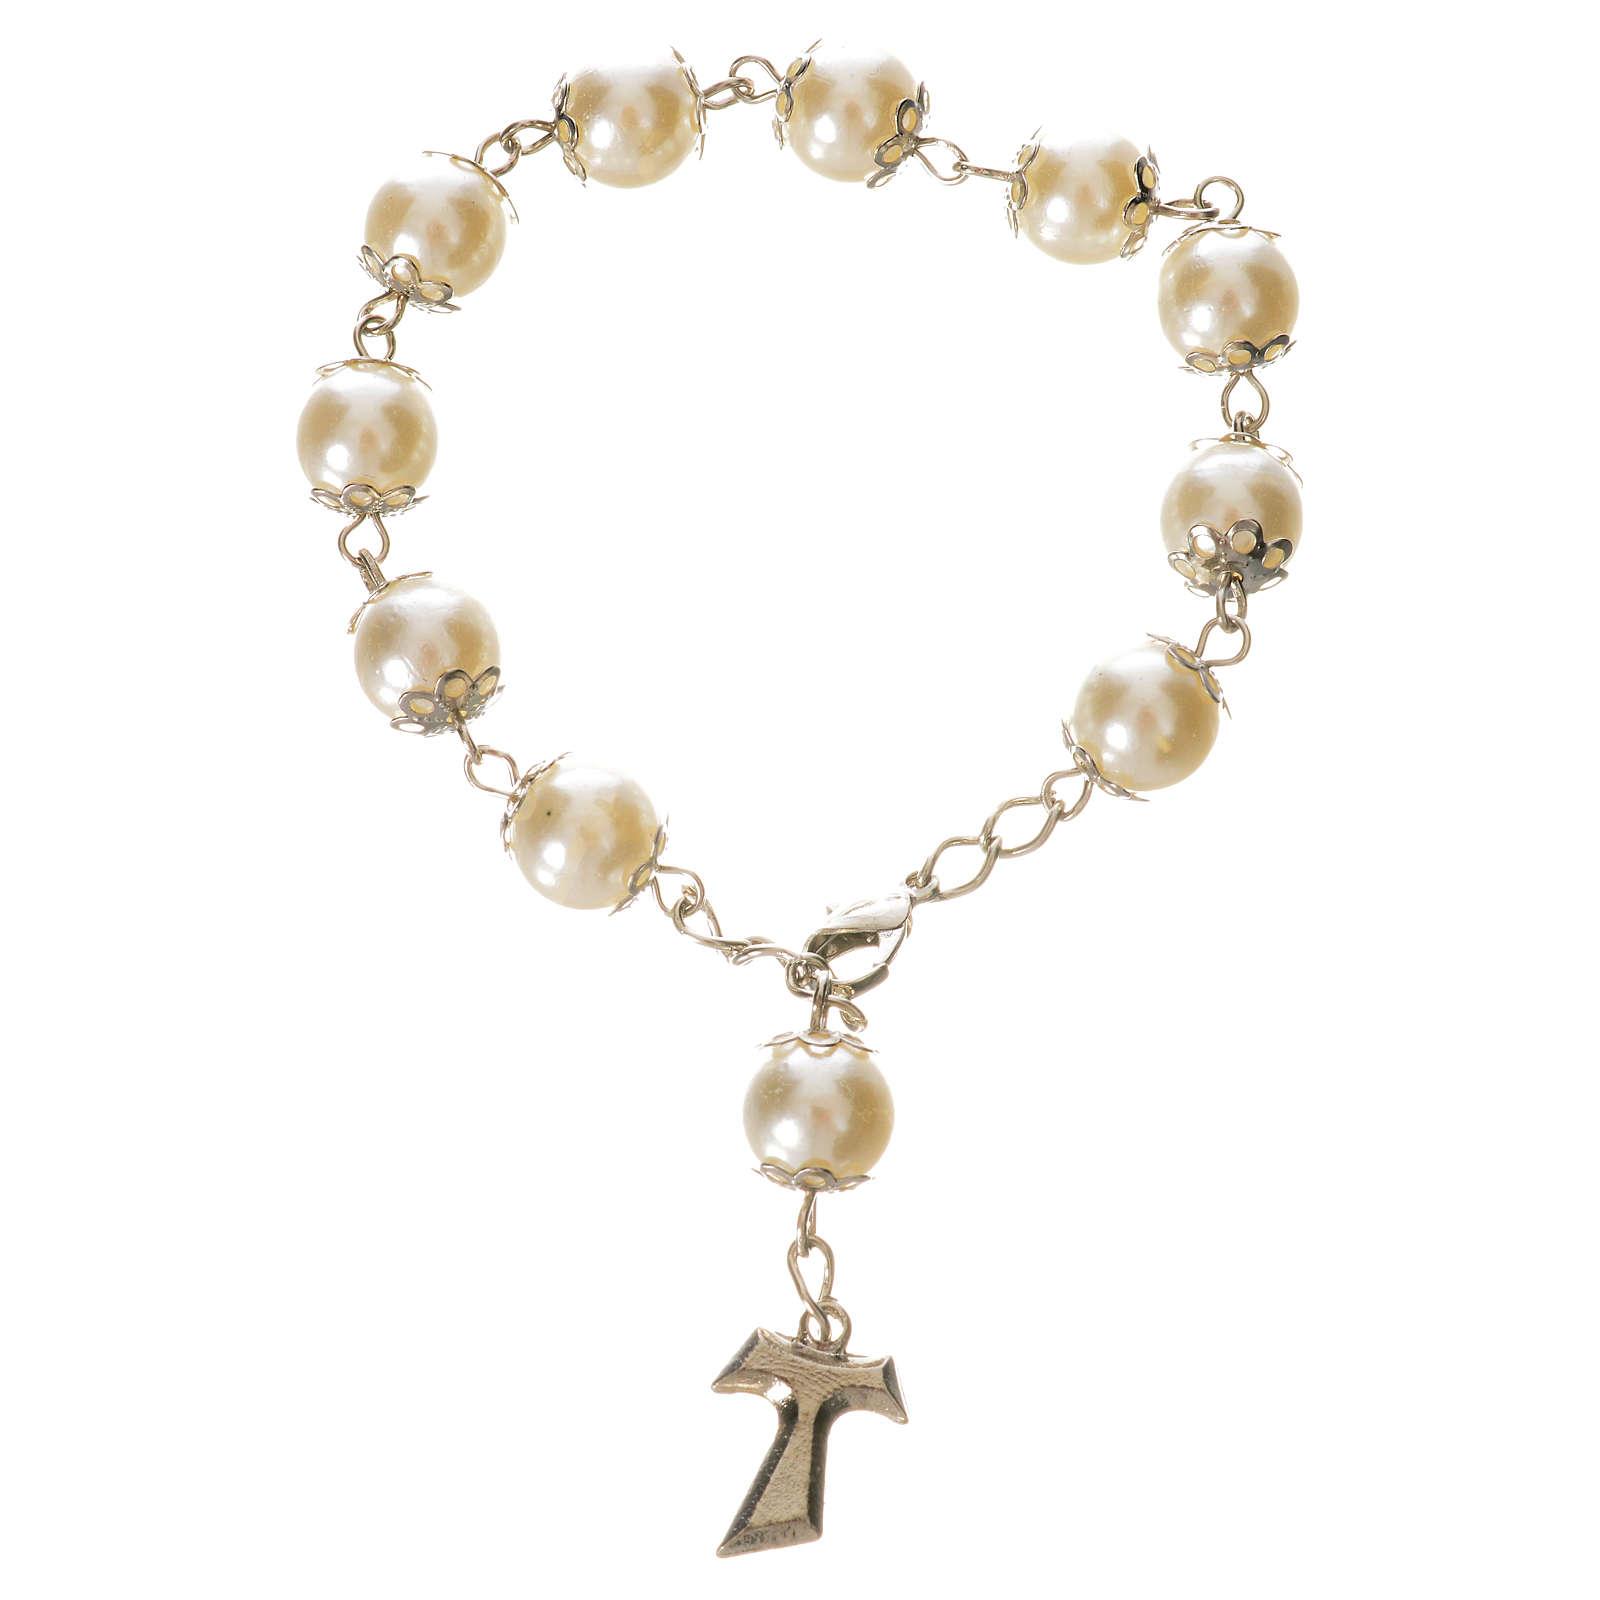 Ten pearlette  beads rosary bracelet 4